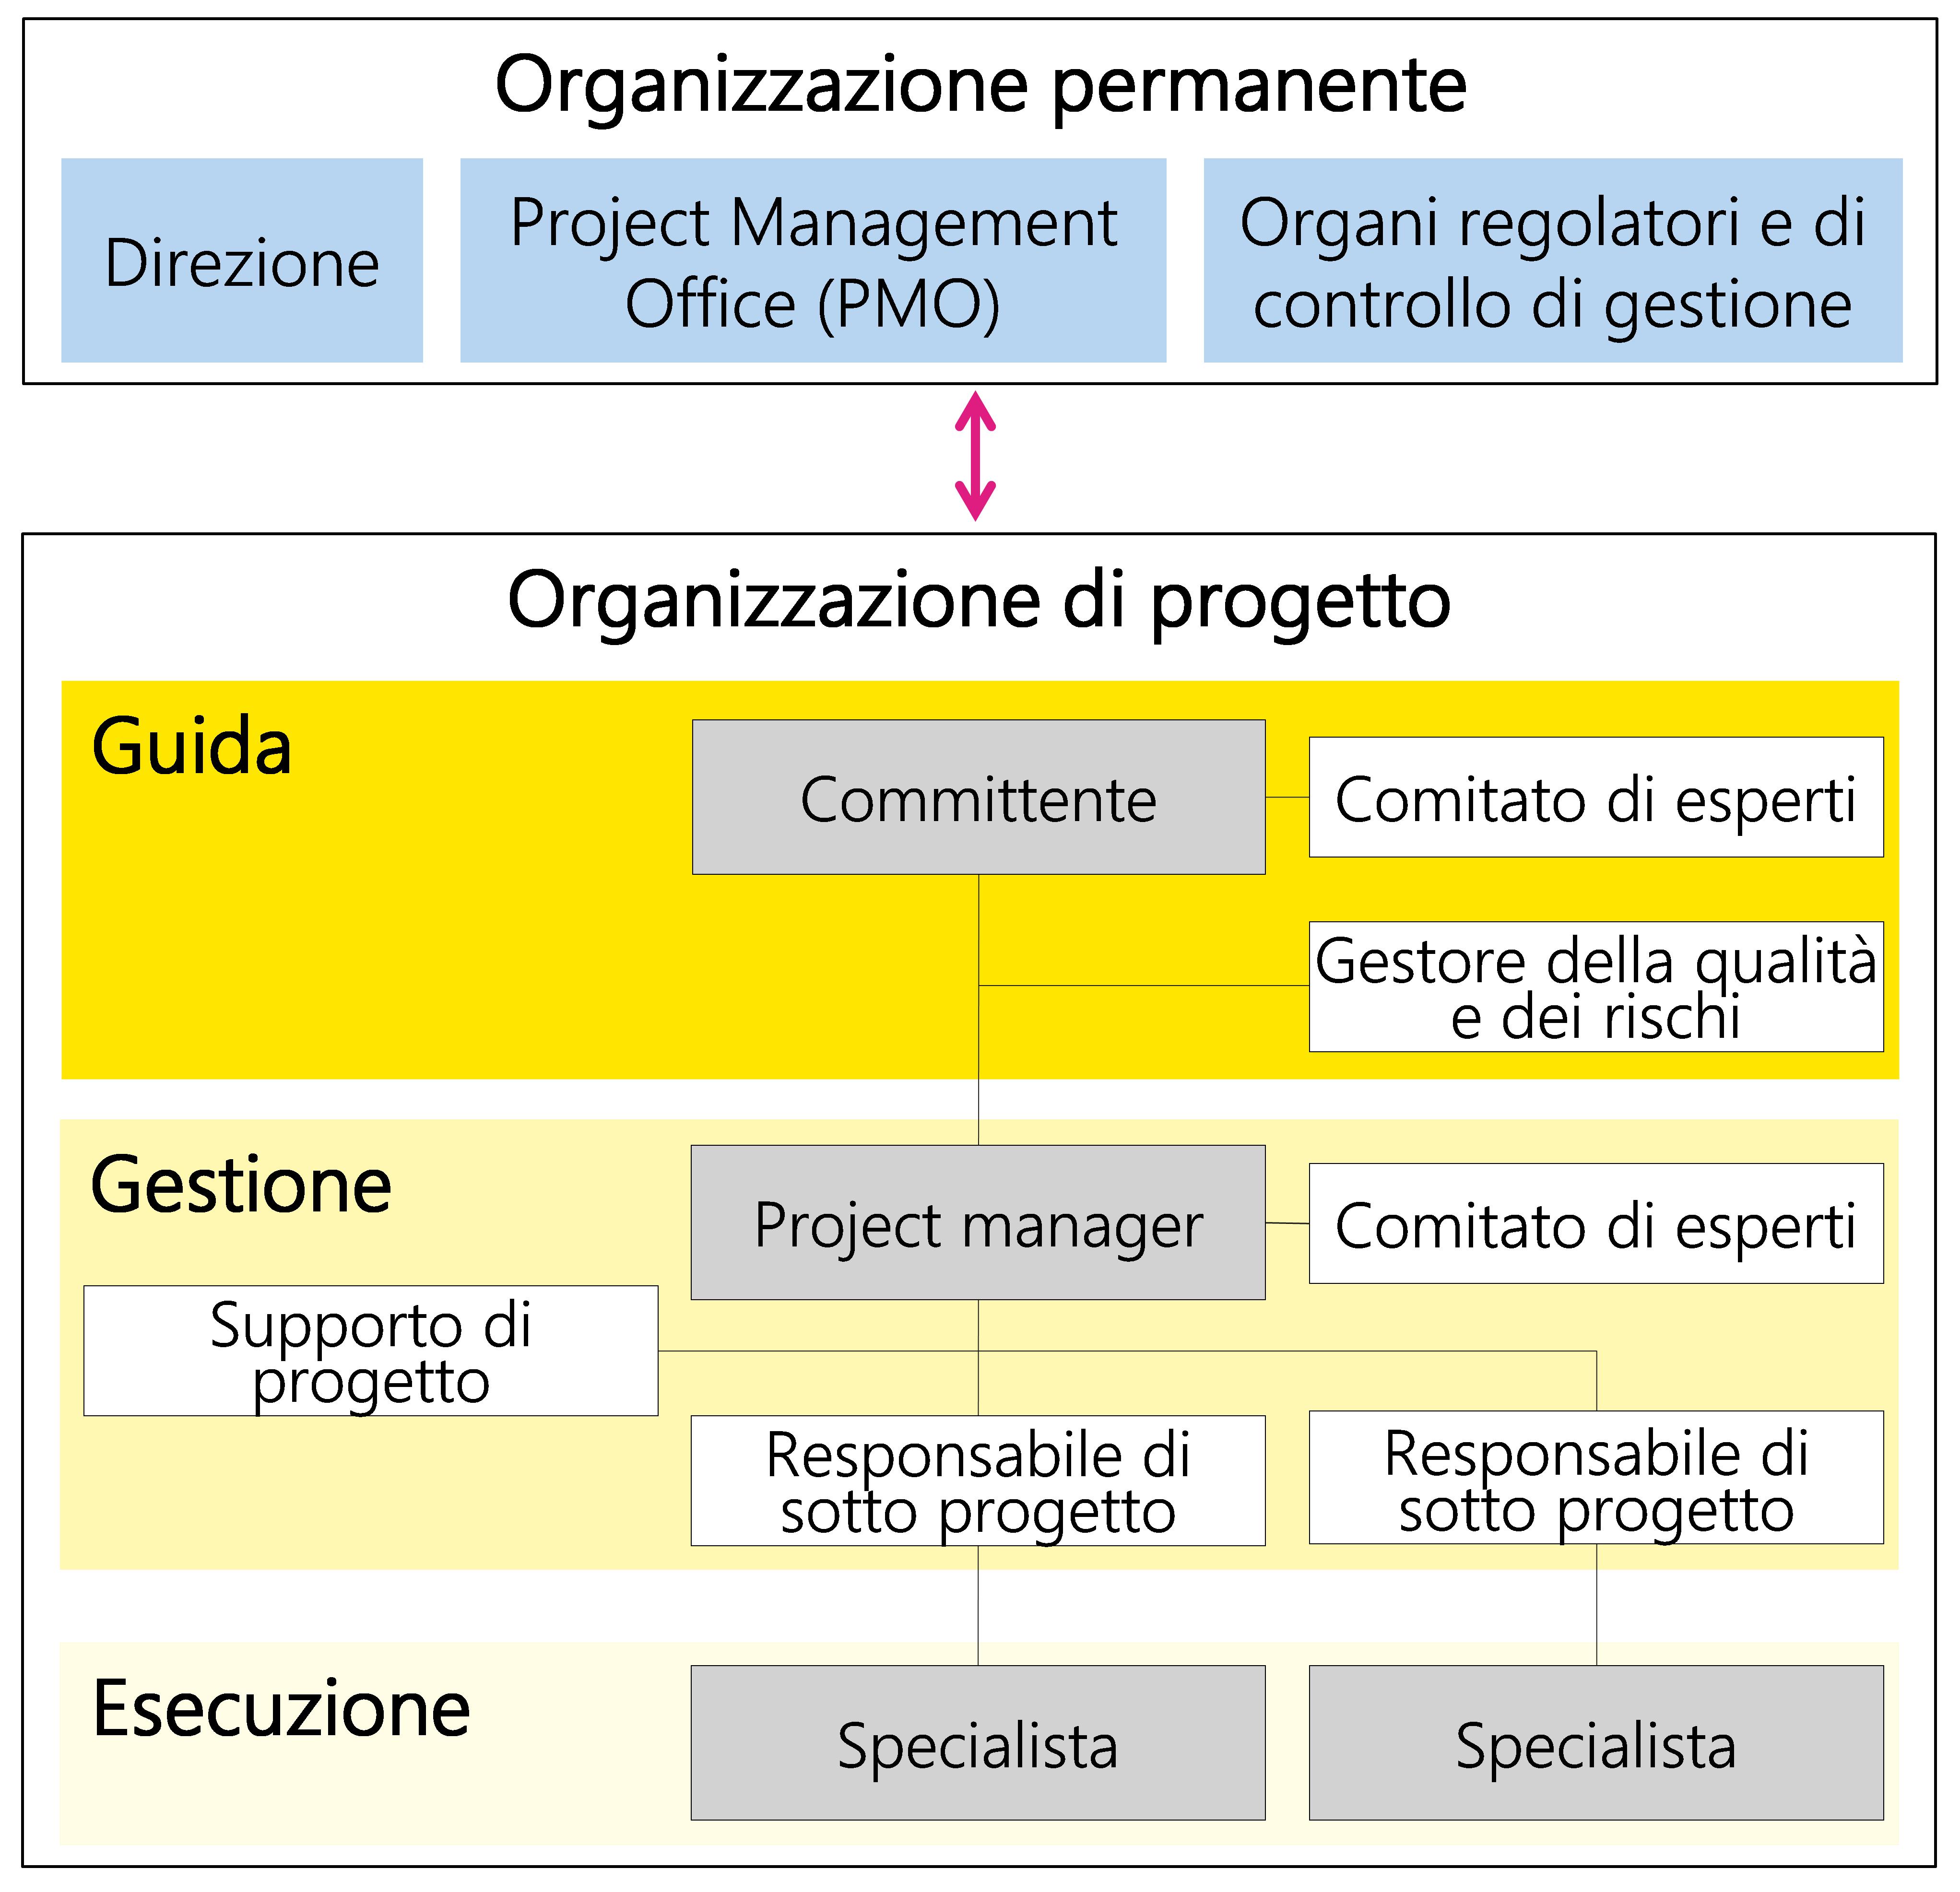 Figura 22: Esempio di organizzazione di progetto con vari ruoli